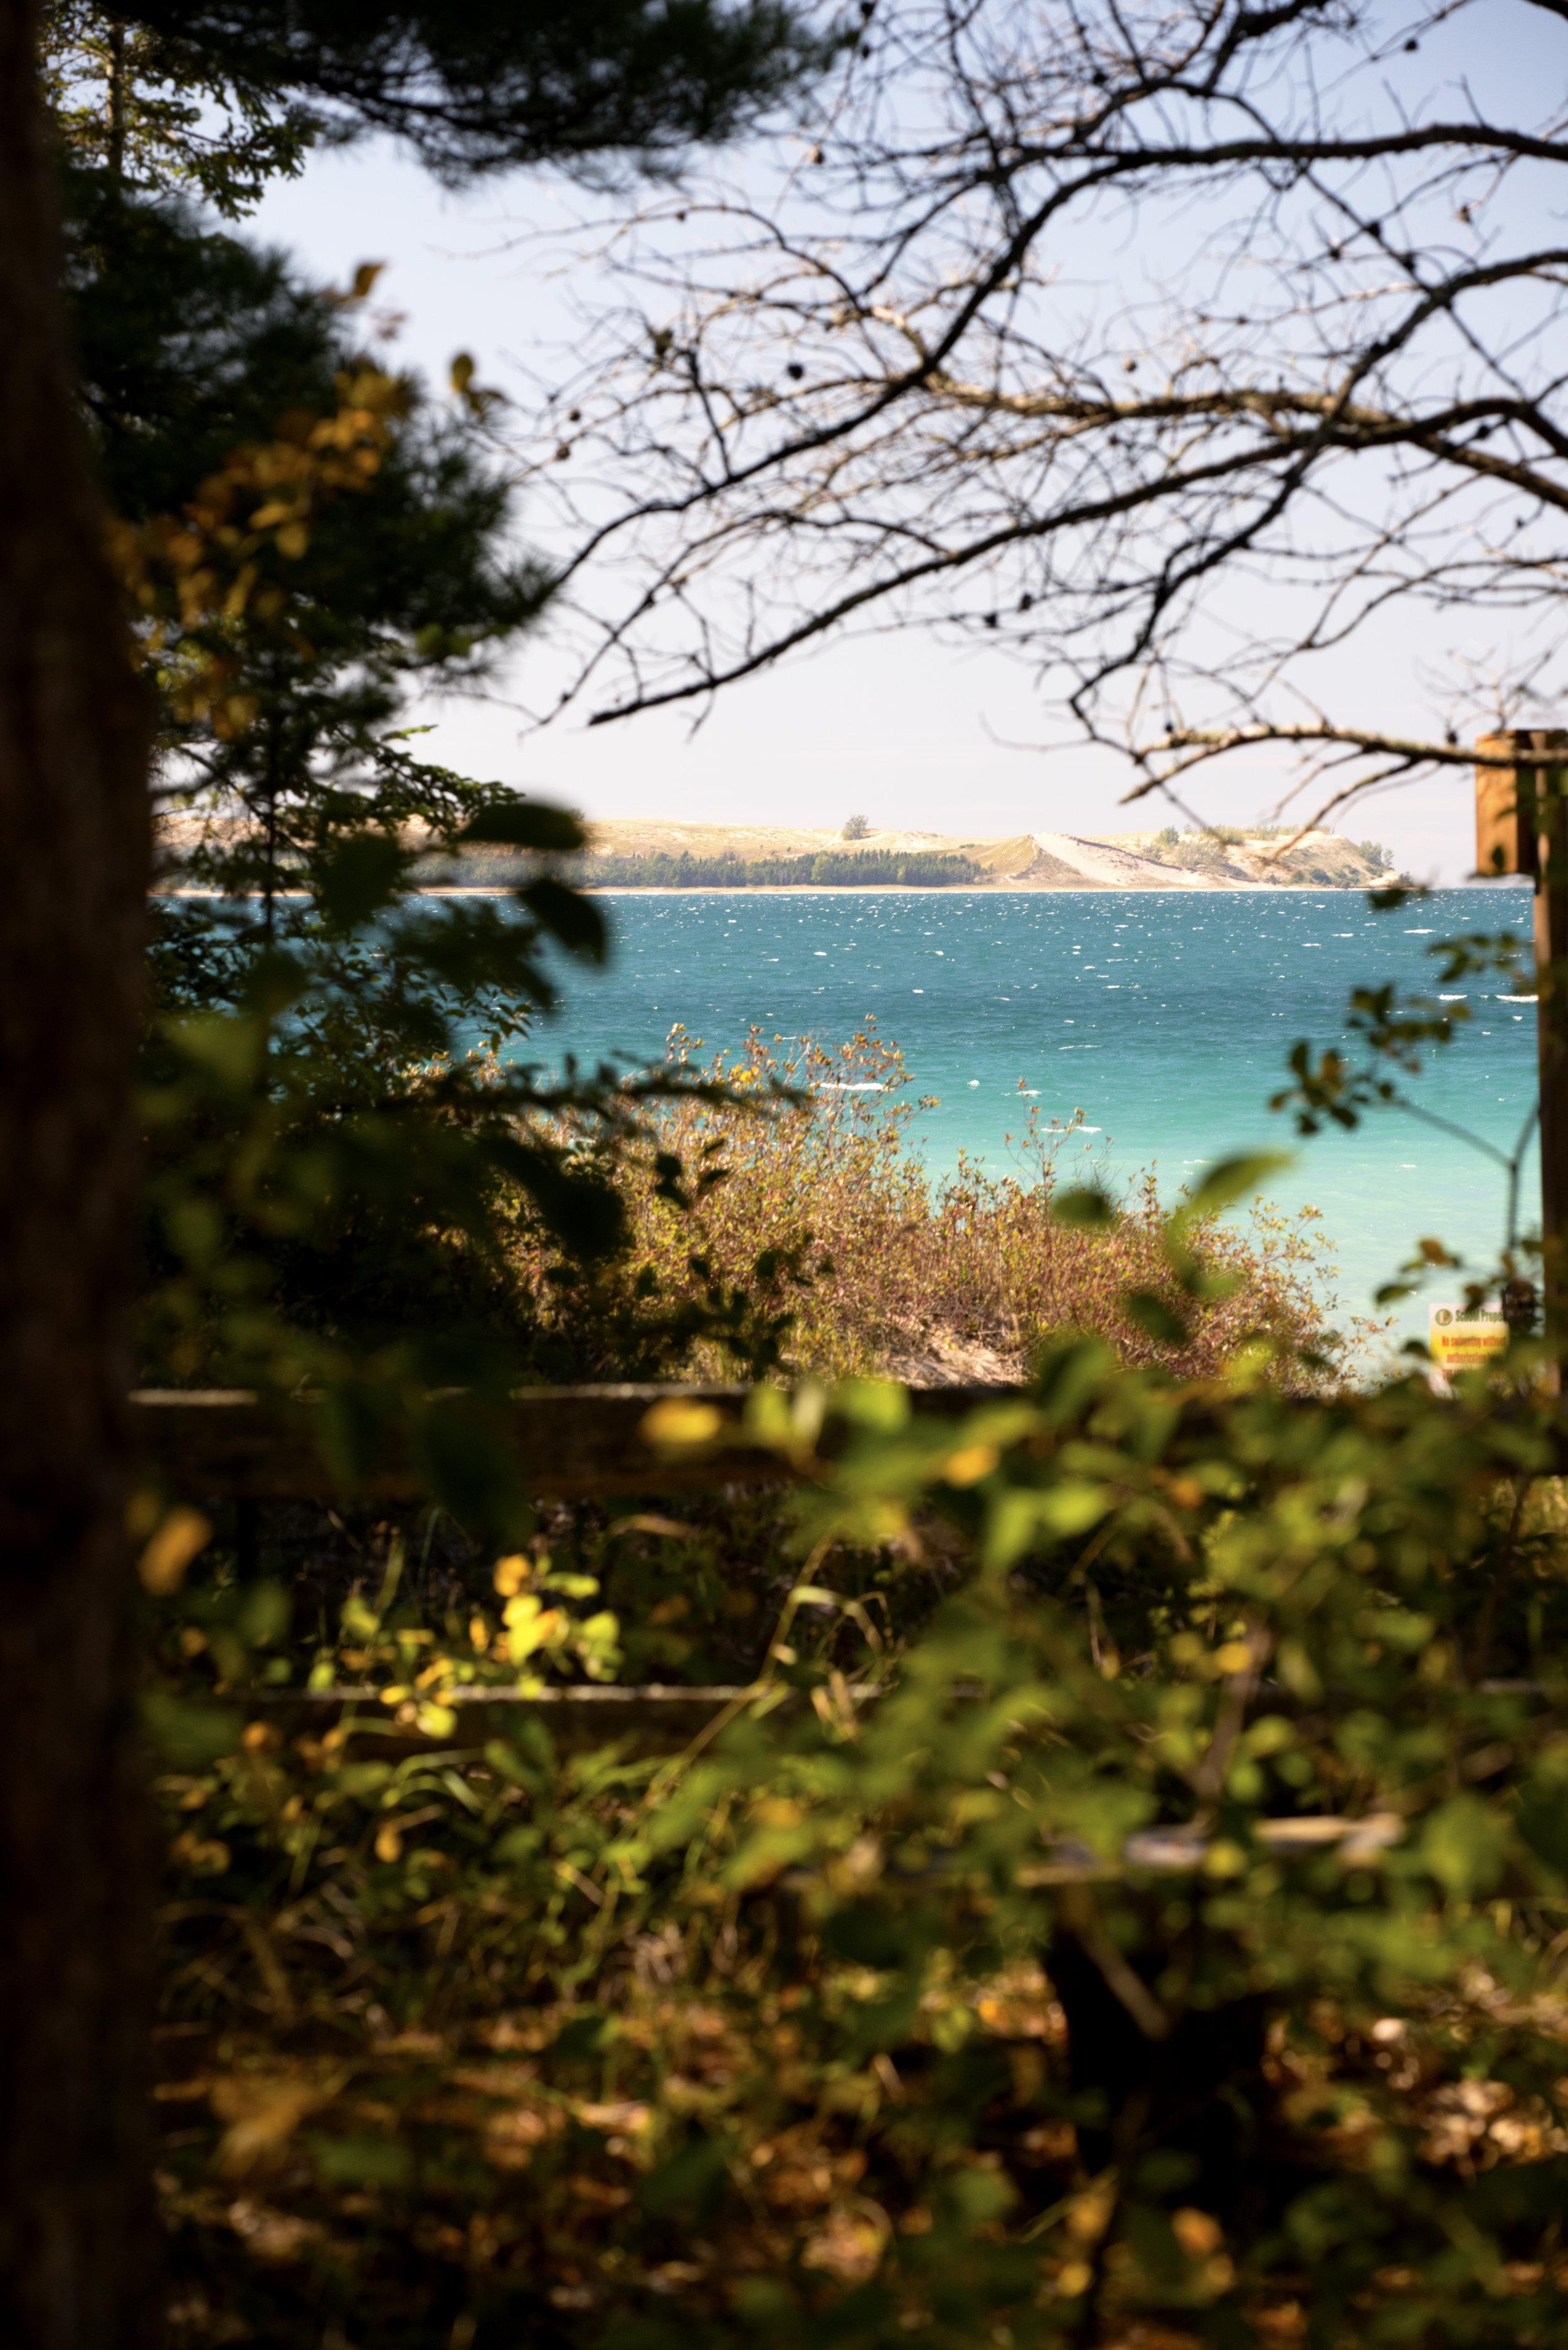 beach_through_trees.jpg